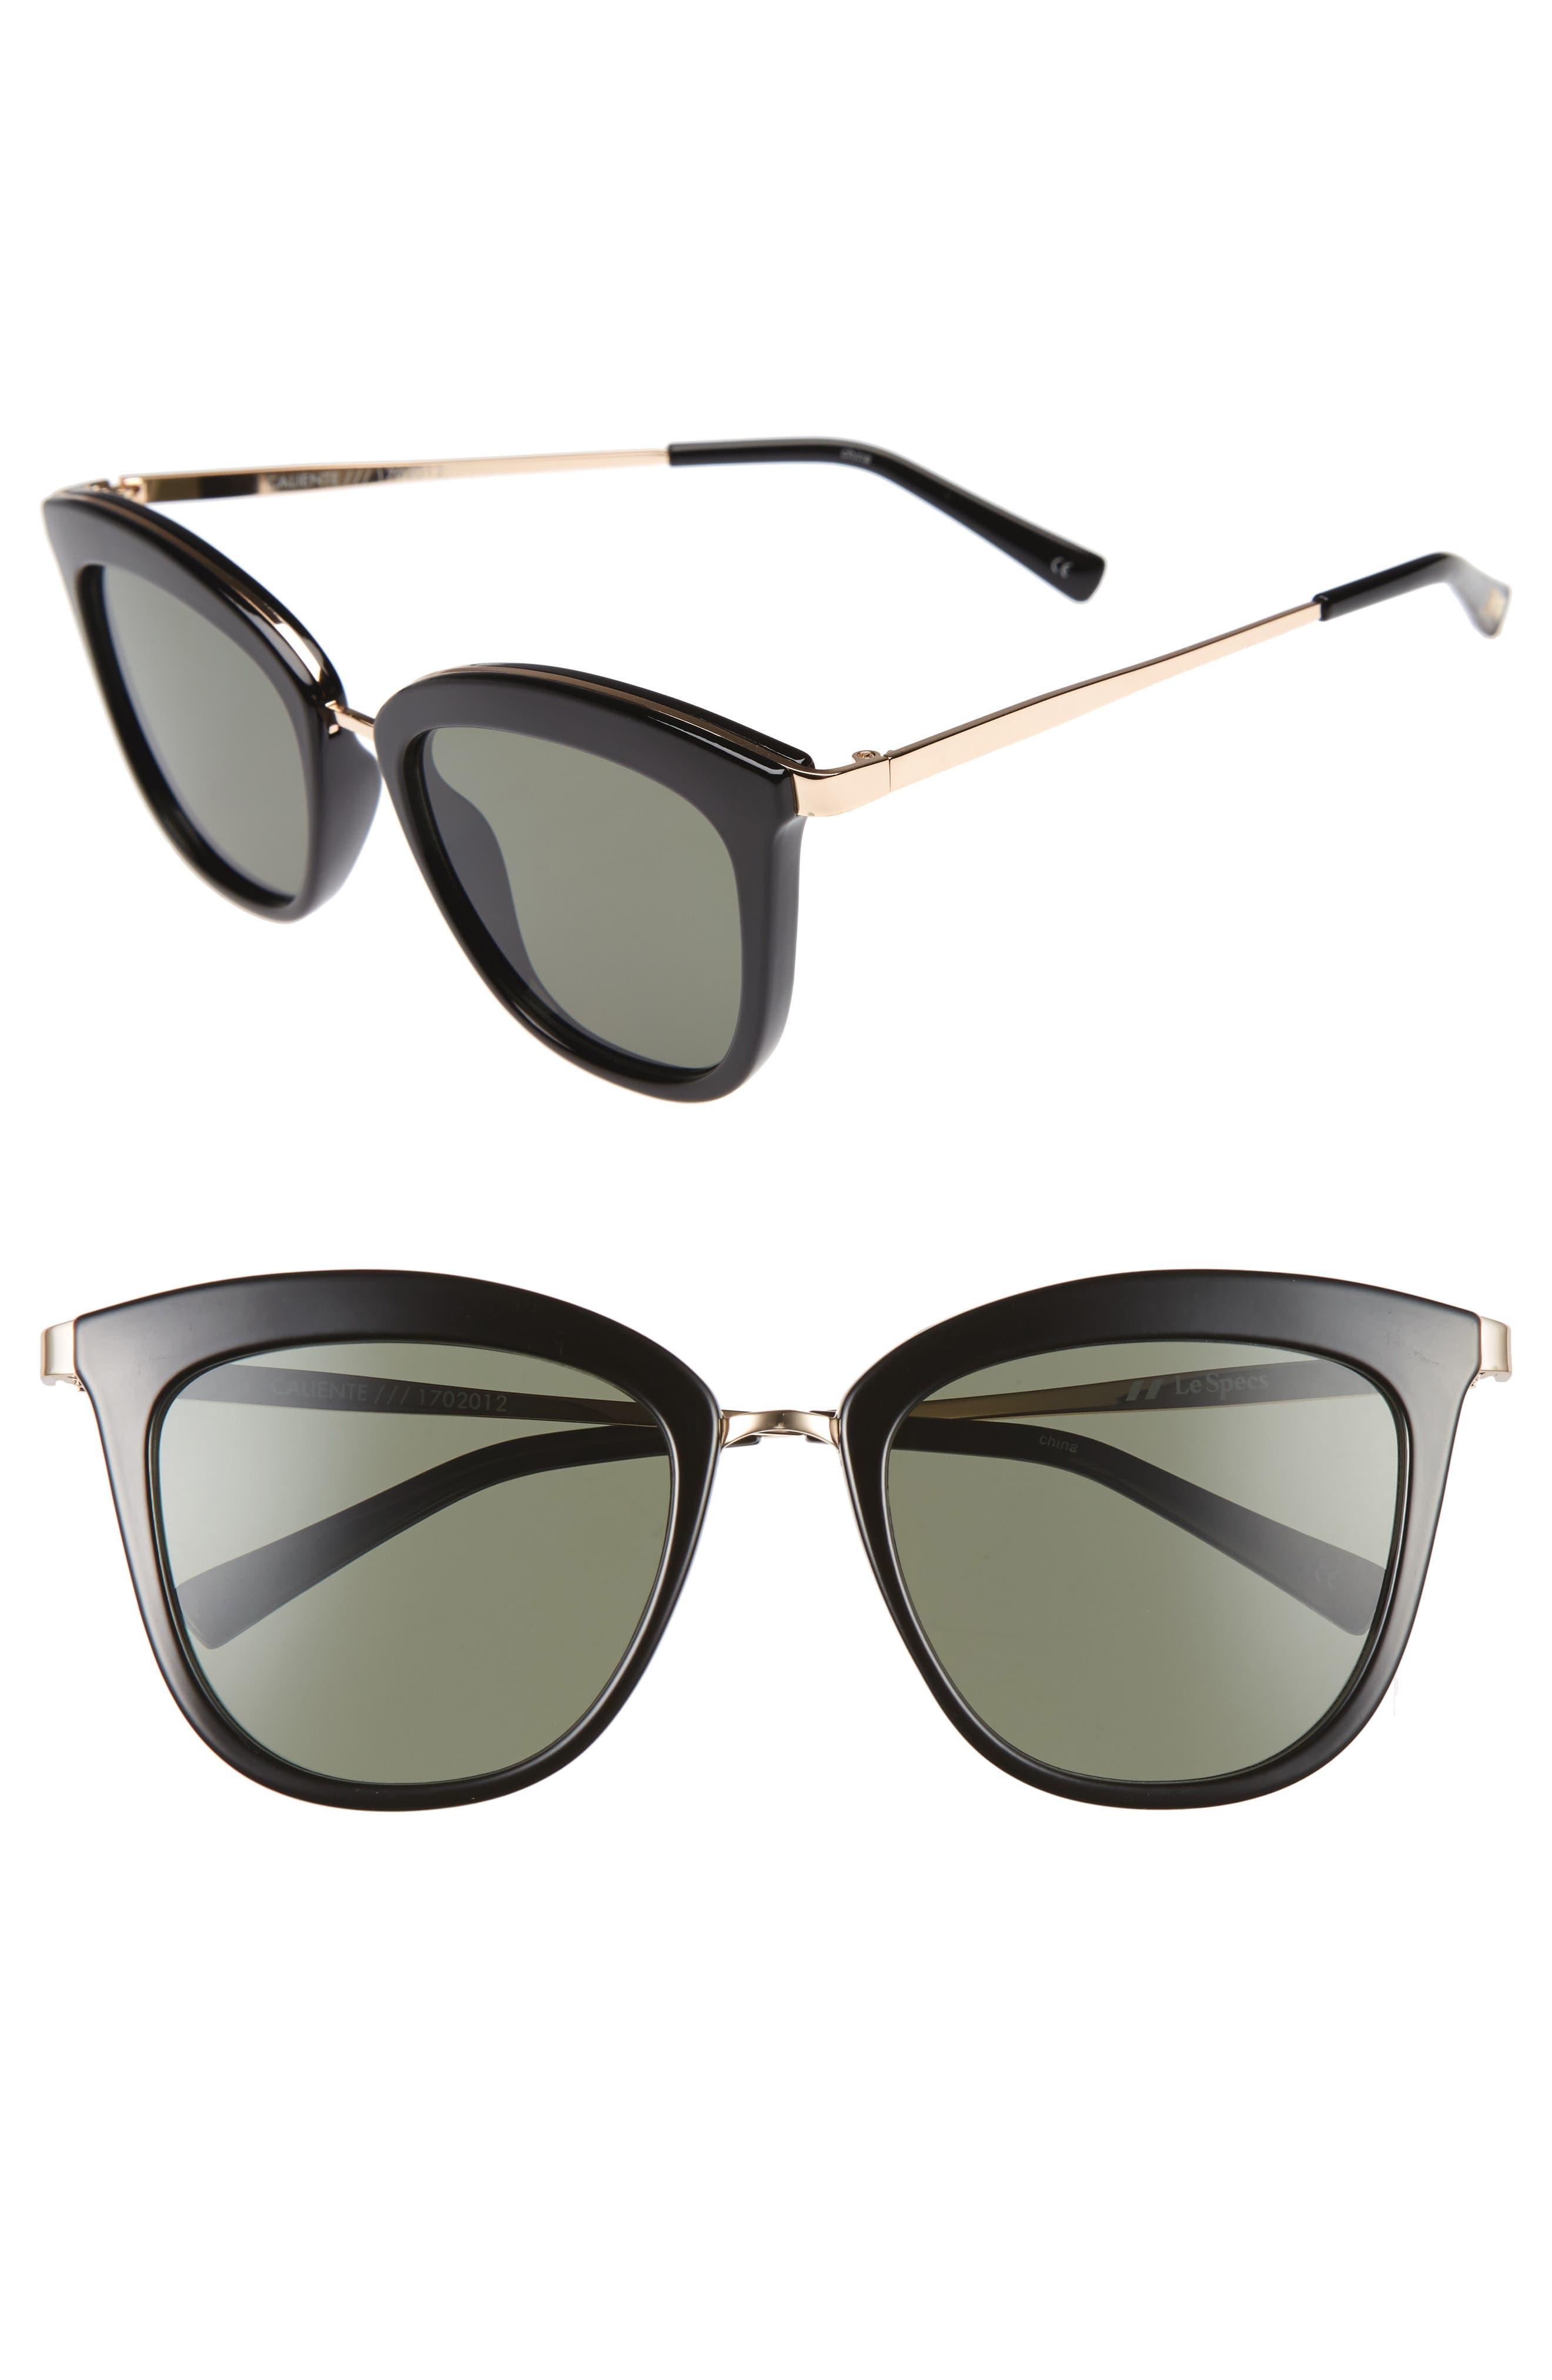 Main Image - Le Specs Caliente 53mm Cat Eye Sunglasses